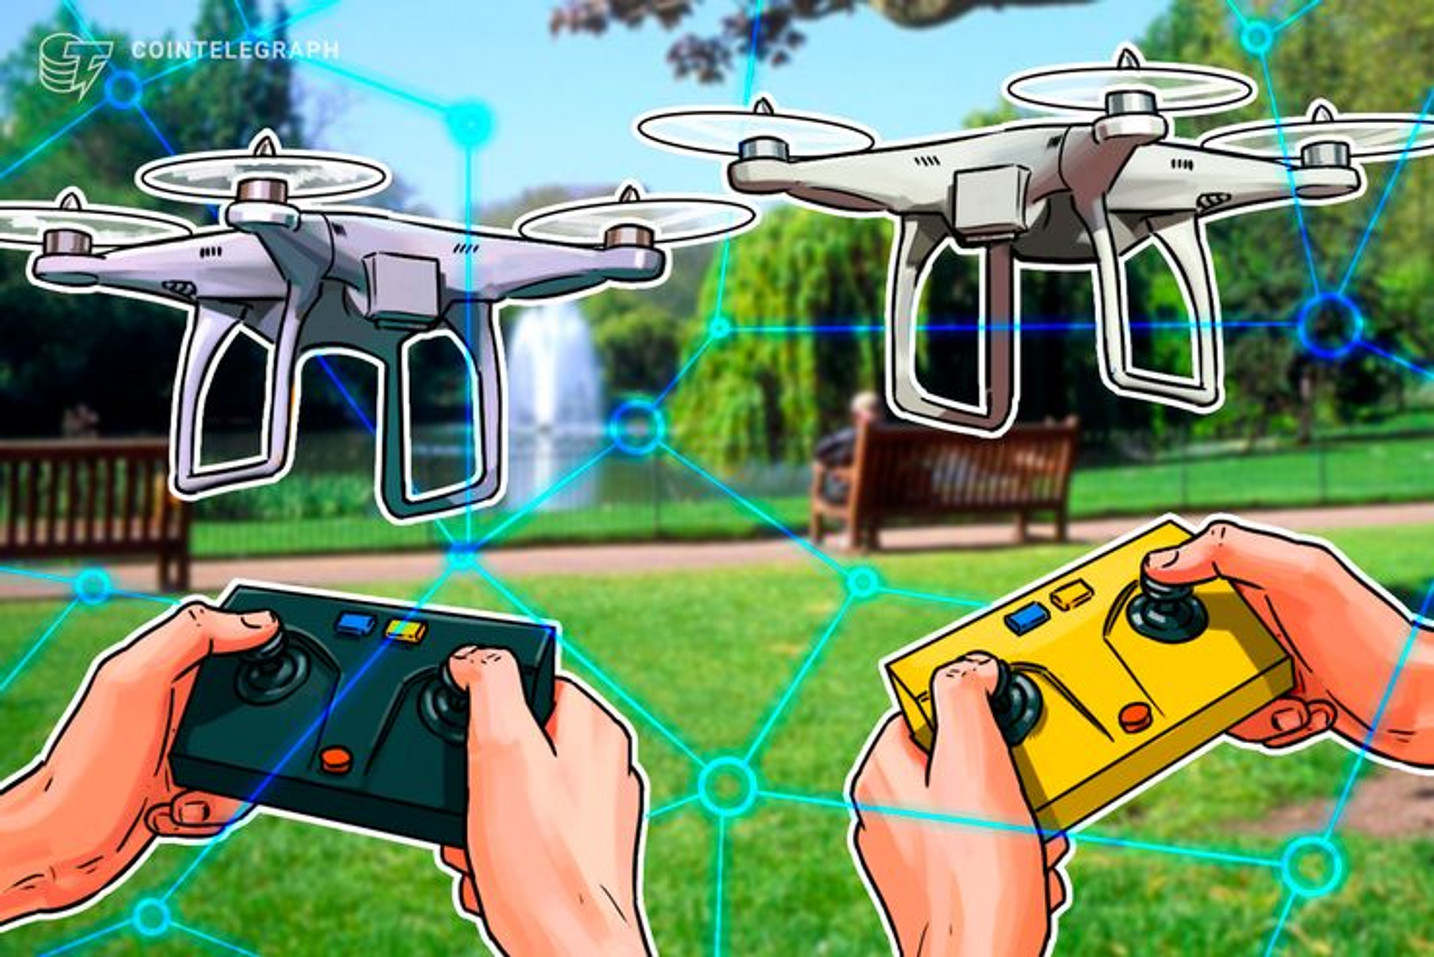 Österreichisches Startup setzt für Industrie-Inspektionen auf Drohnen und Blockchain